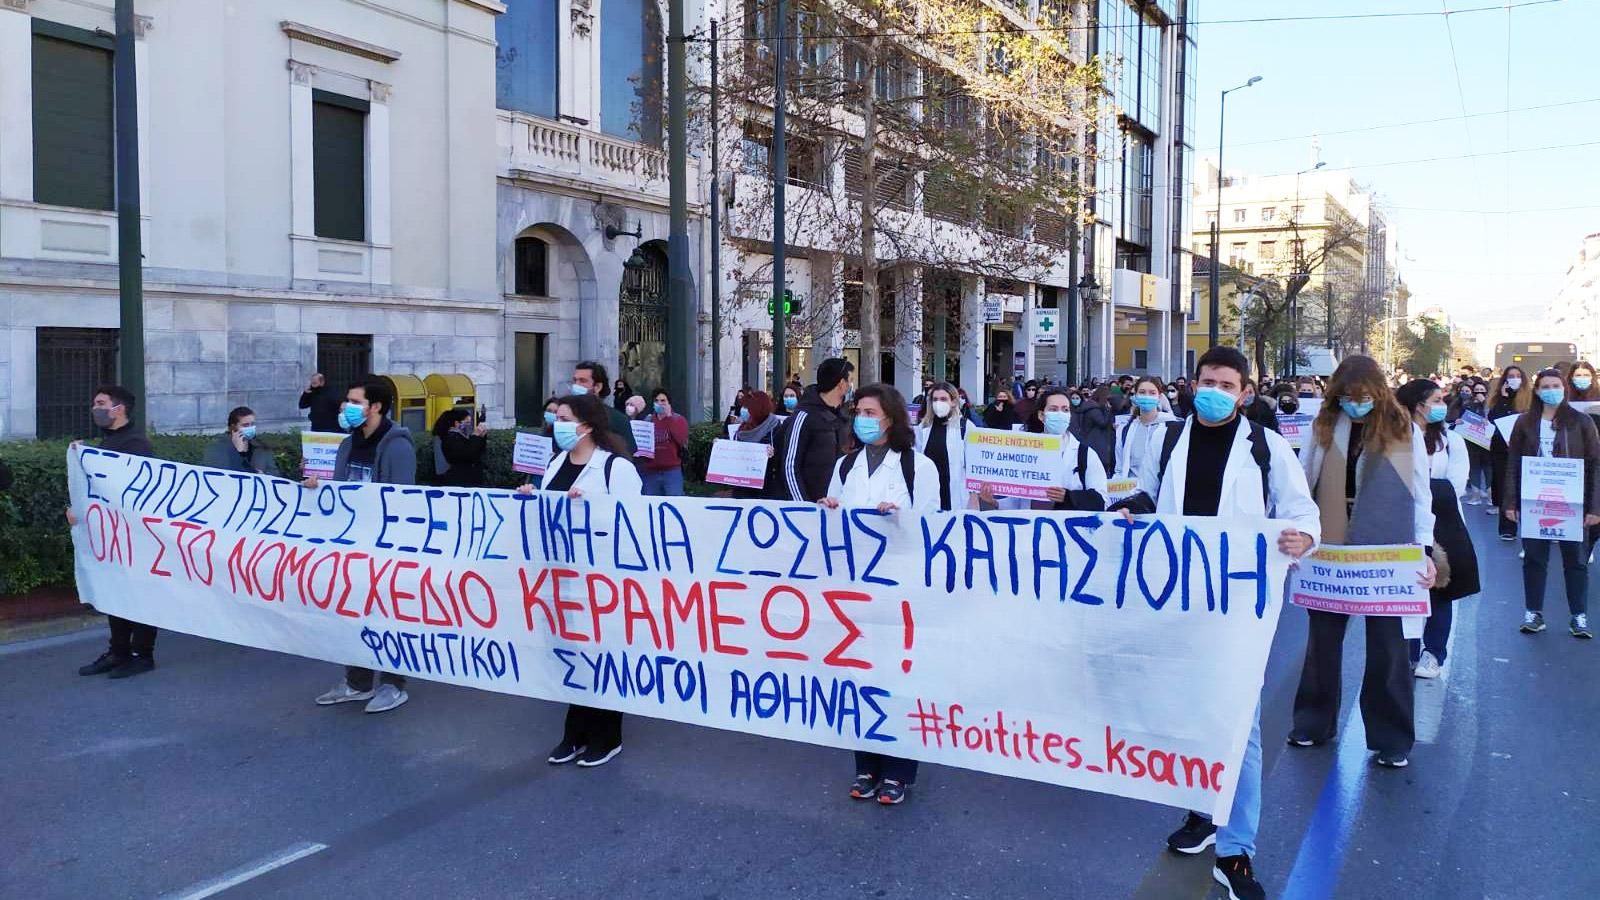 Συλλαλητήριο: Όχι στην πανεπιστημιακή αστυνομία | Δώστε λεφτά για την παιδεία